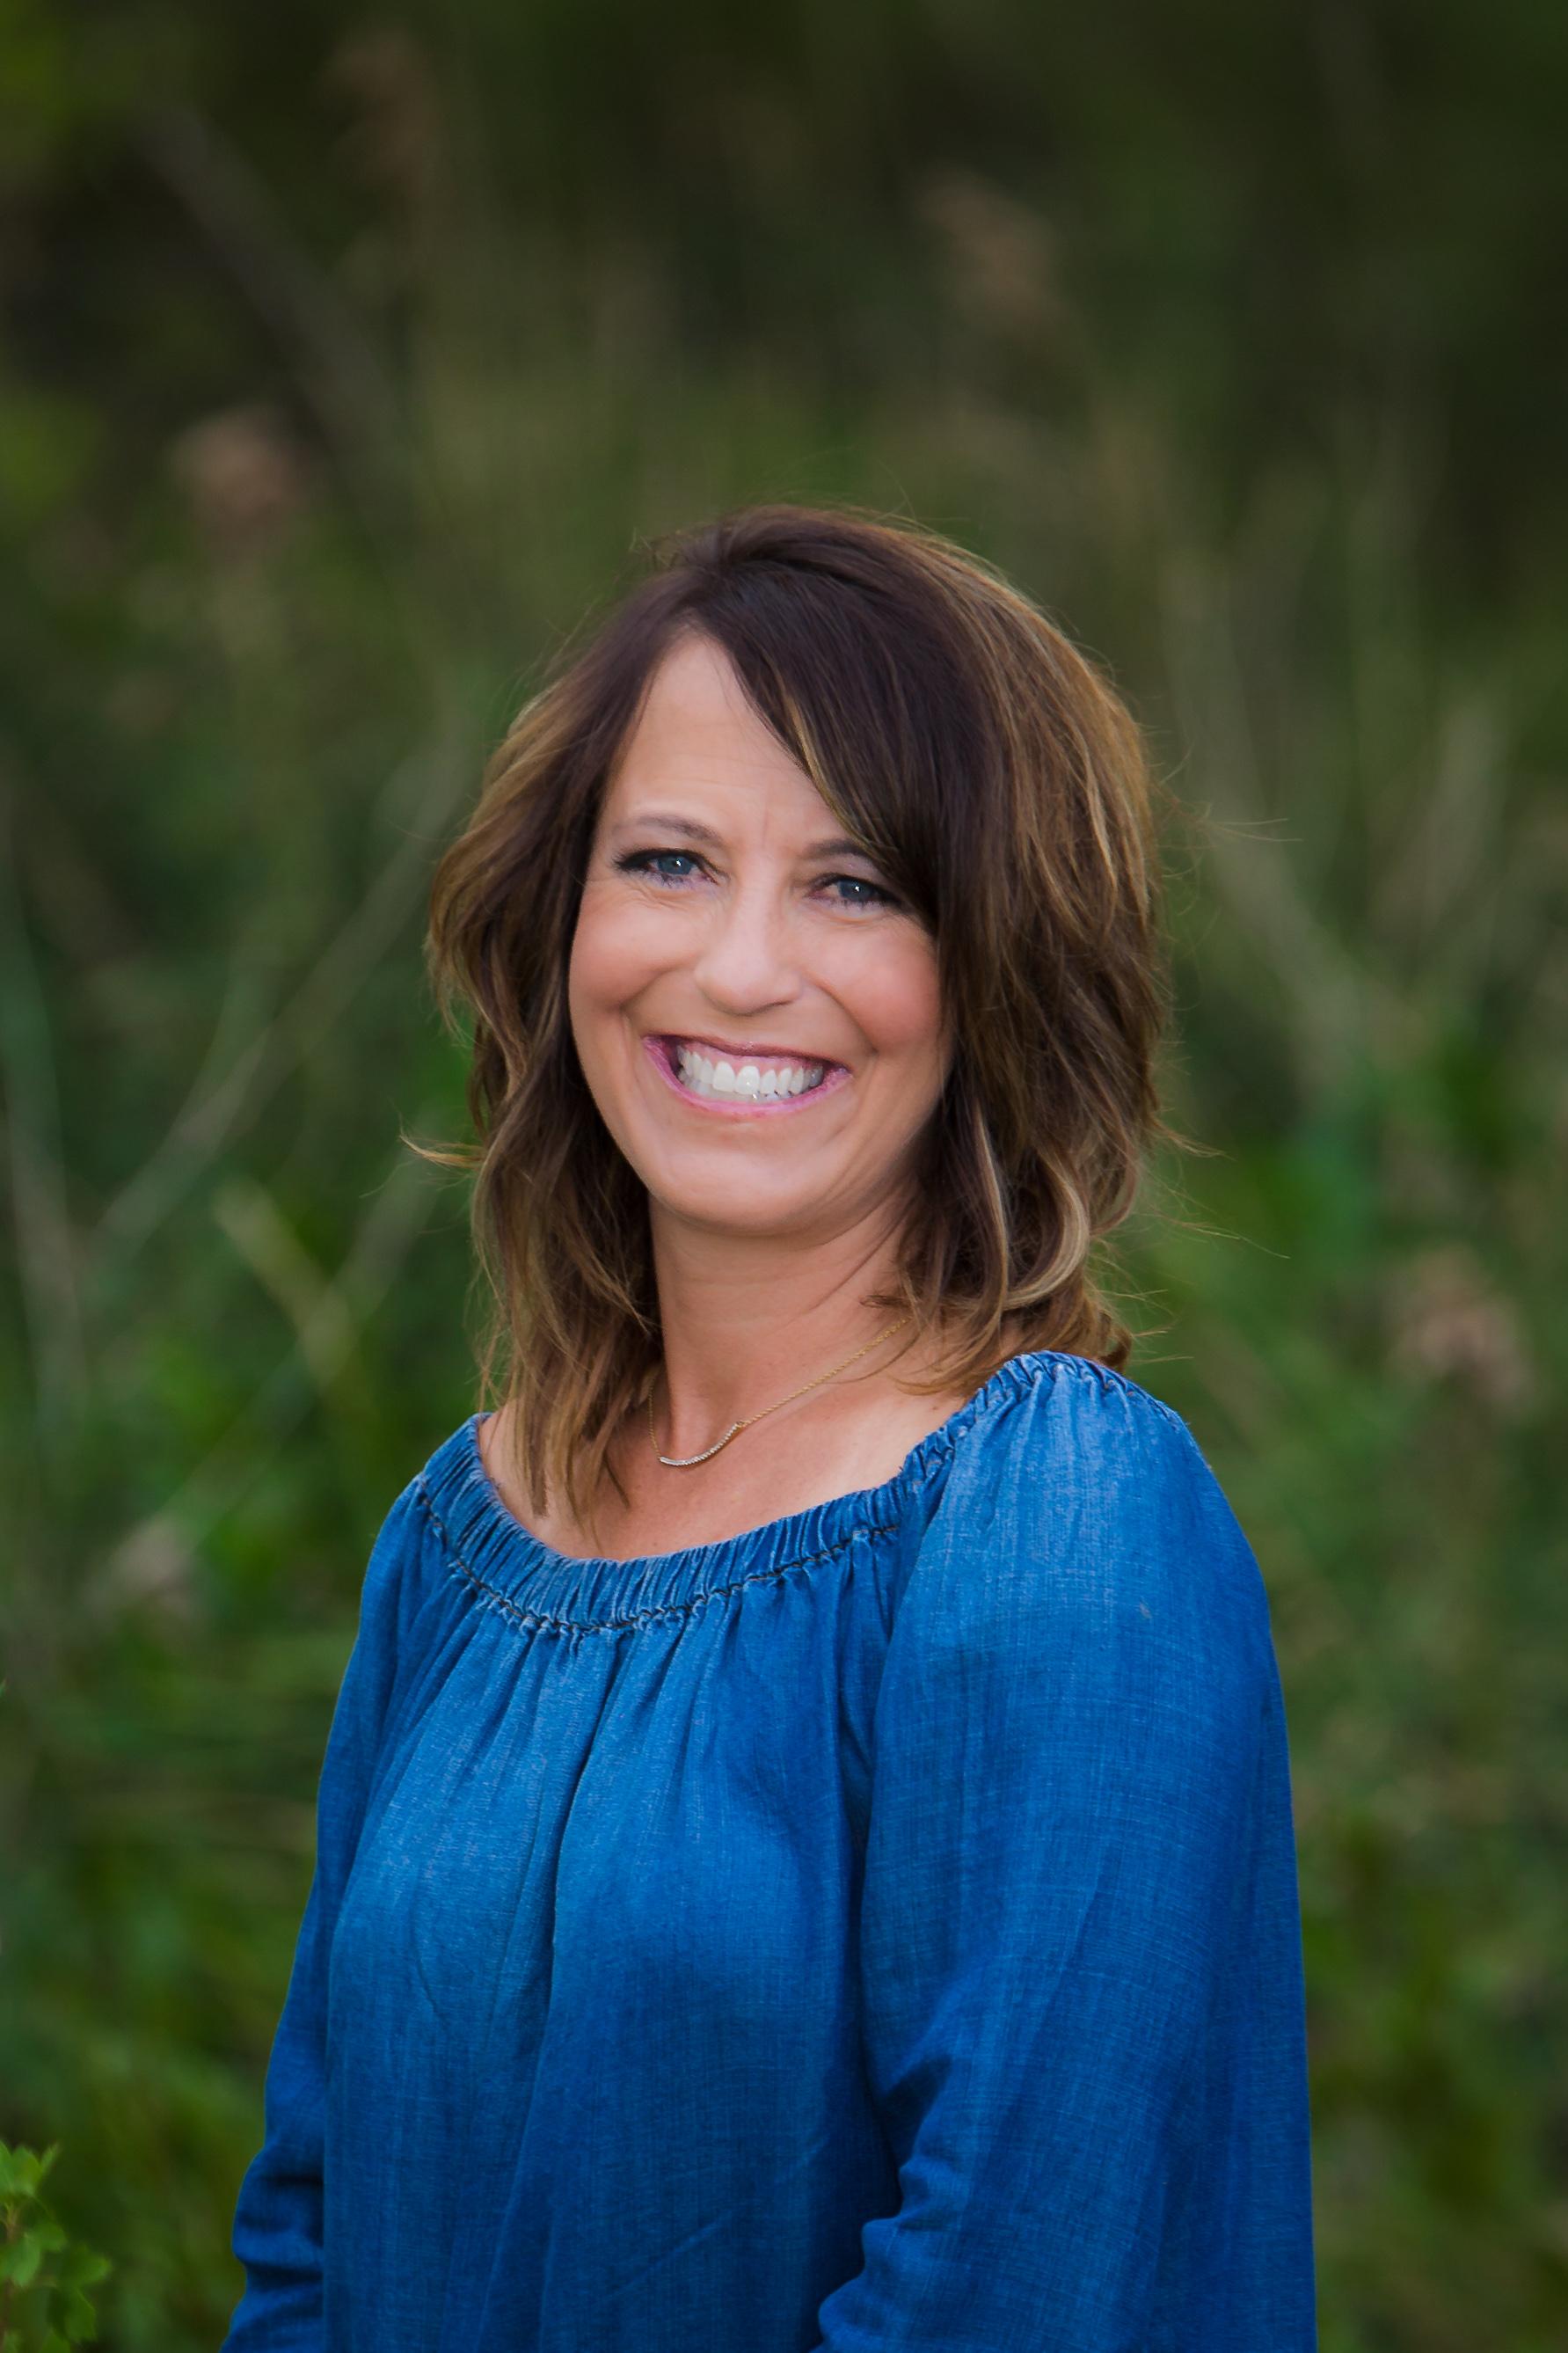 Carolyn Gdowski Portrait August 2017 2-1